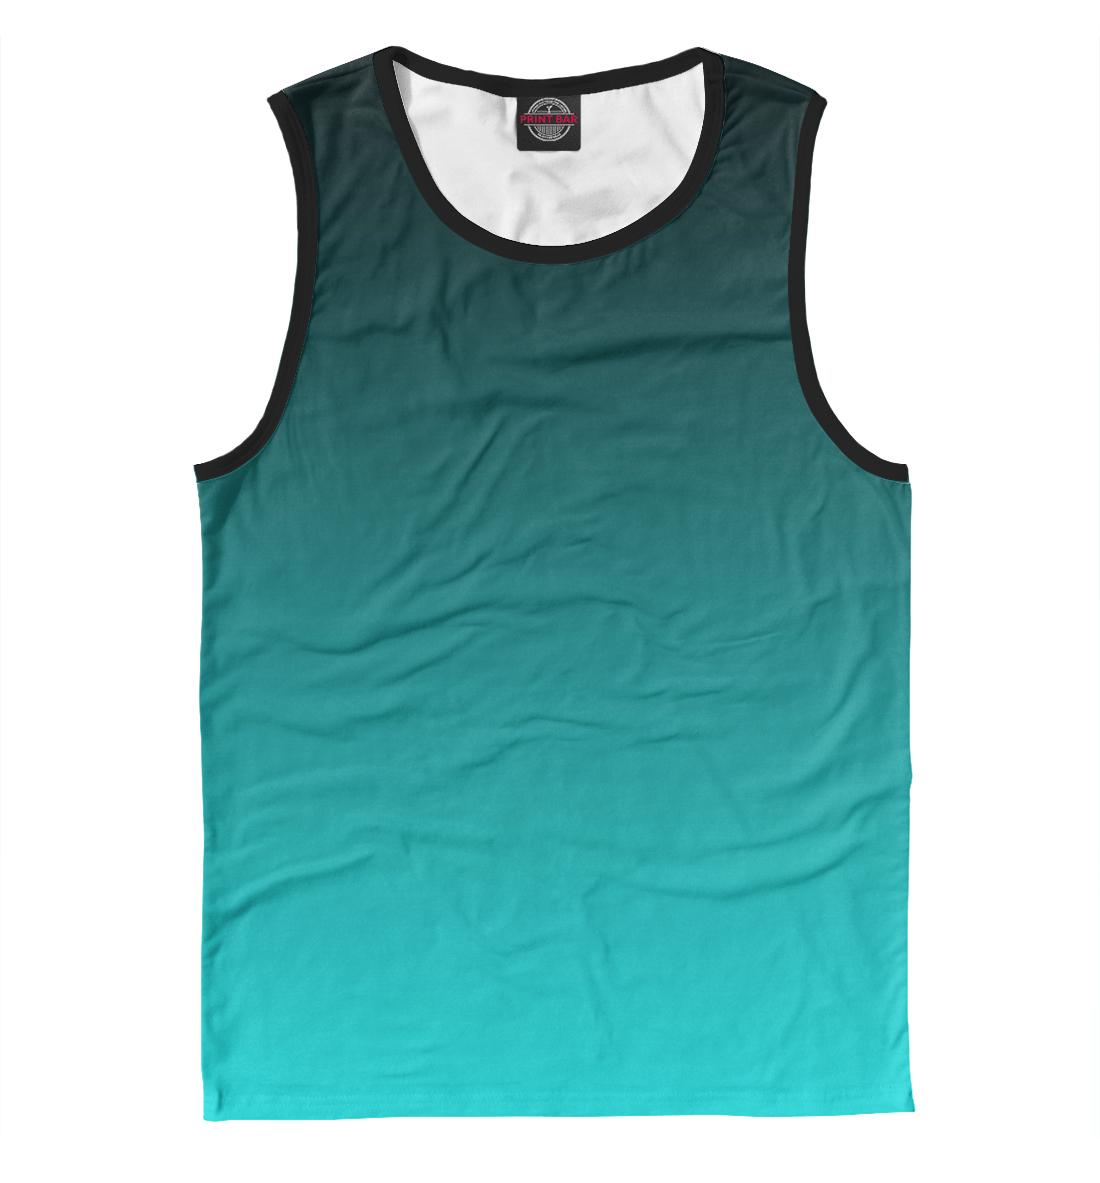 Купить Градиент Голубой в Черный, Printbar, Майки, CLR-276598-may-2